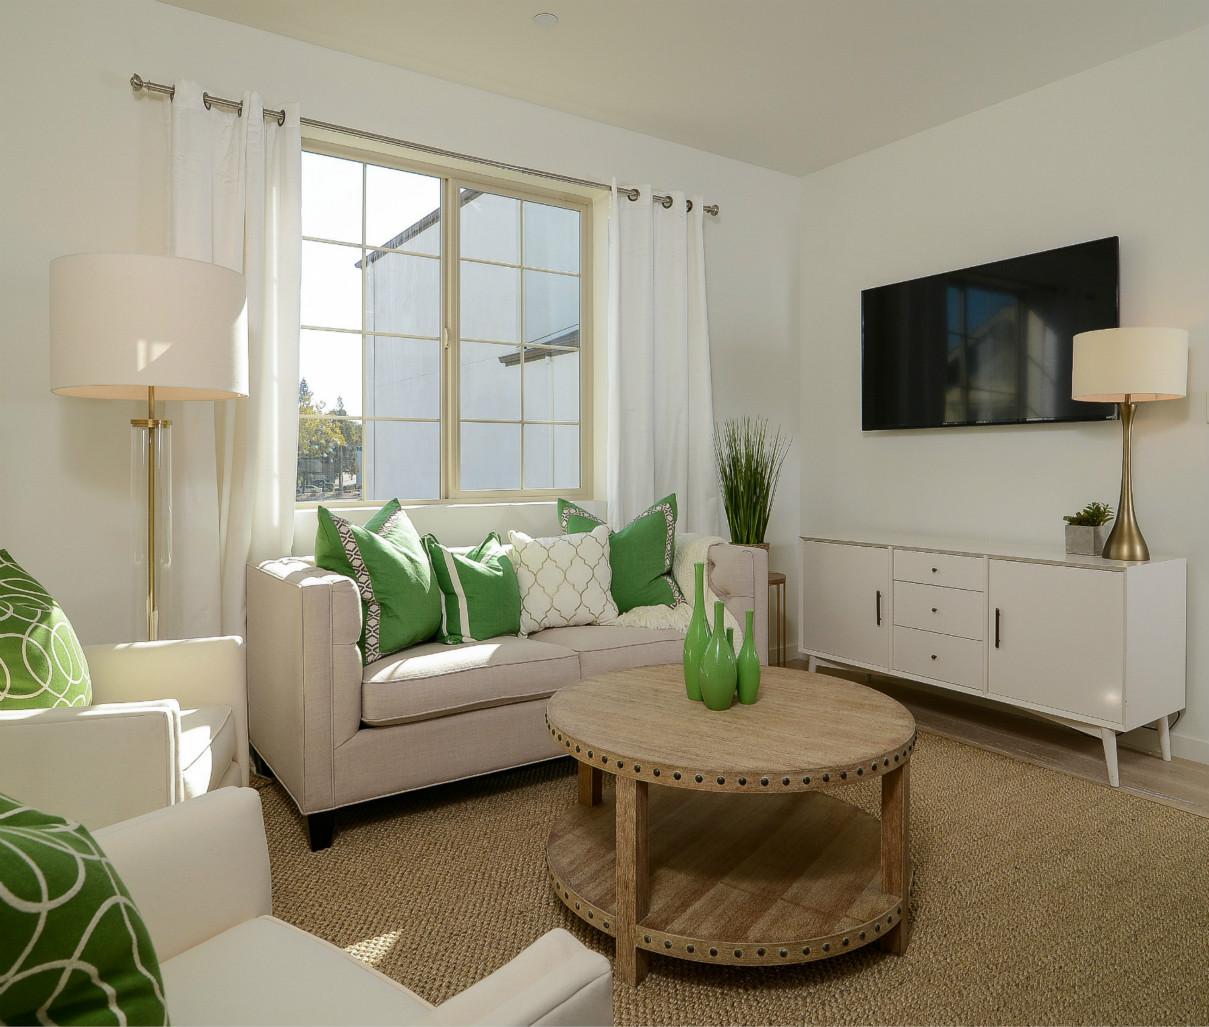 客厅给人 的感觉是简单大方,又有一种低调的炫富,草席质感的地毯与圆桌比大而厚重的桌子显得上档次多了。